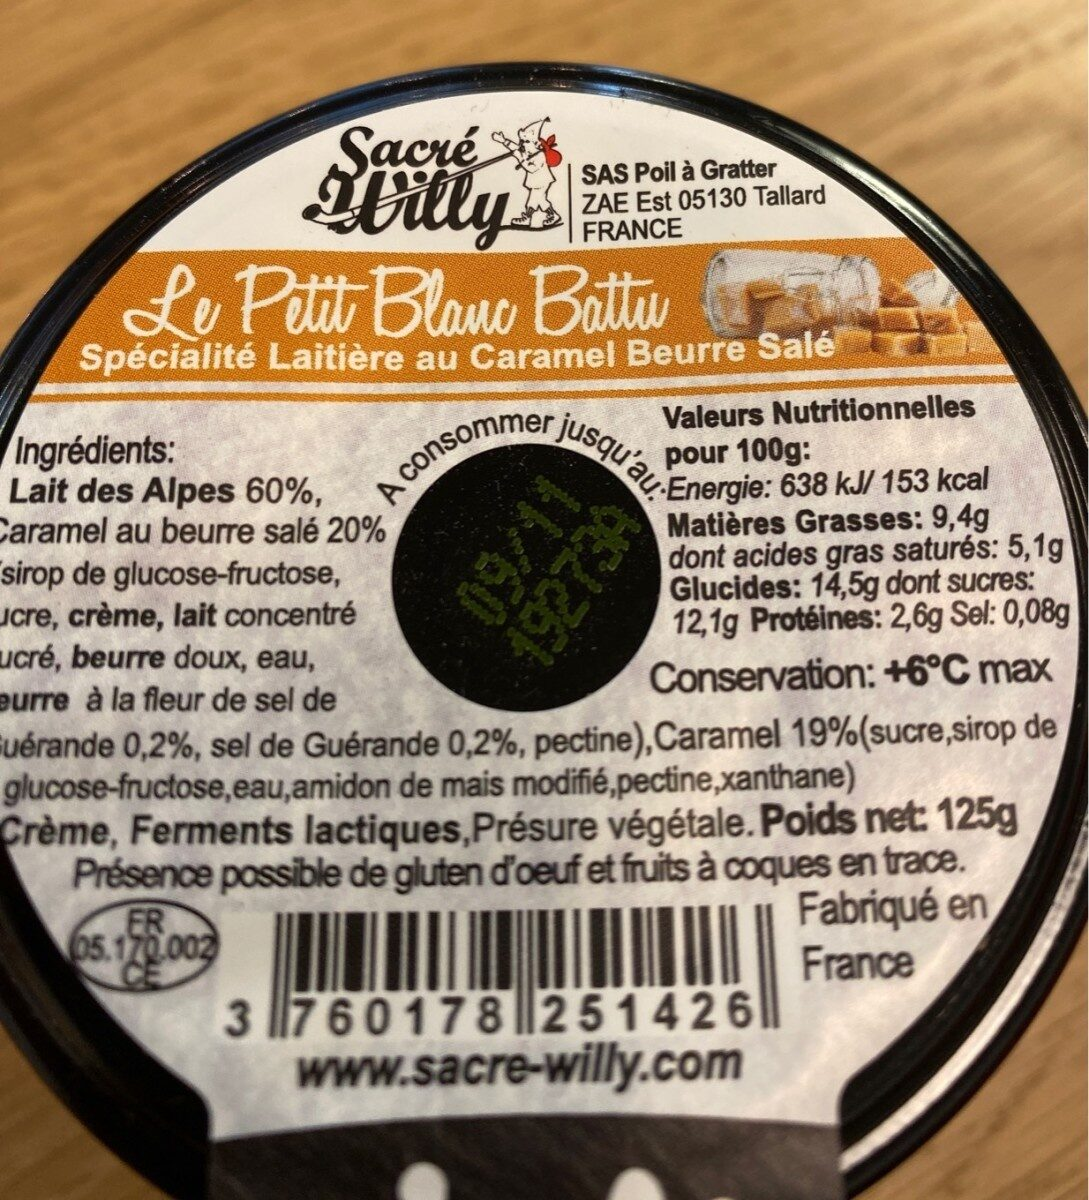 Le petit blanc battu caramel beurre salé - Nutrition facts - fr